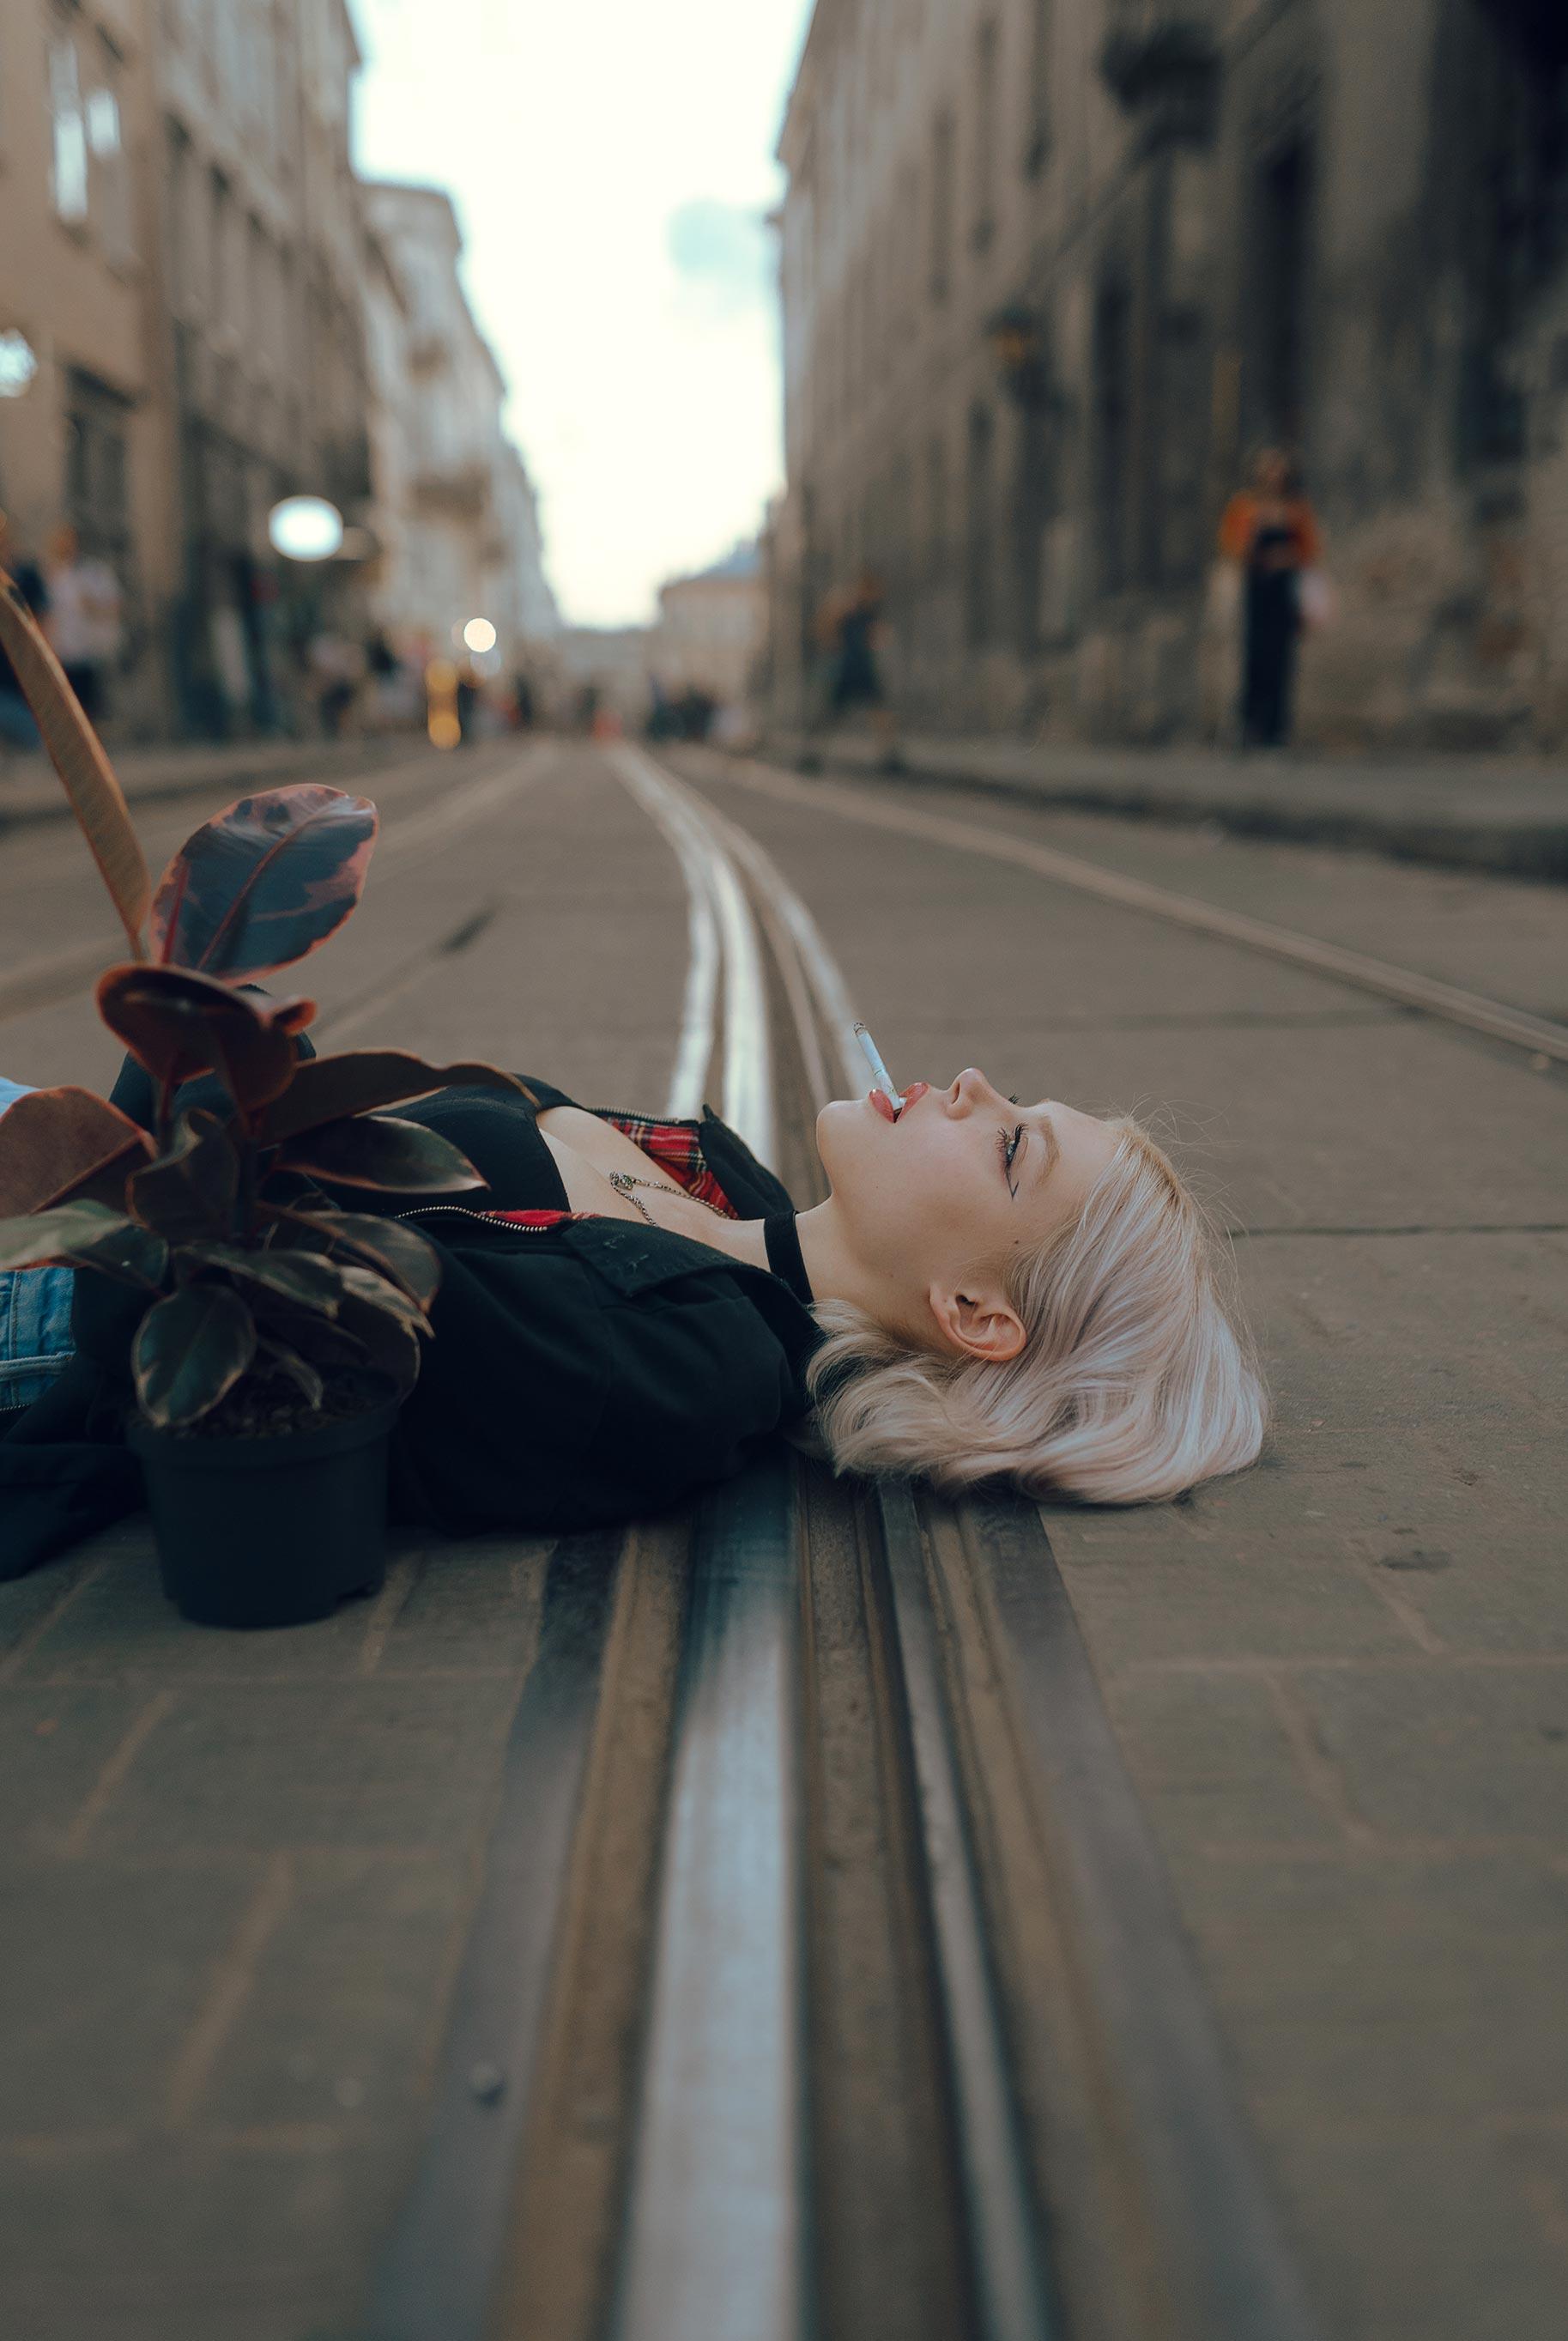 Матильда из фильма Леон на улицах Львова / фото 11